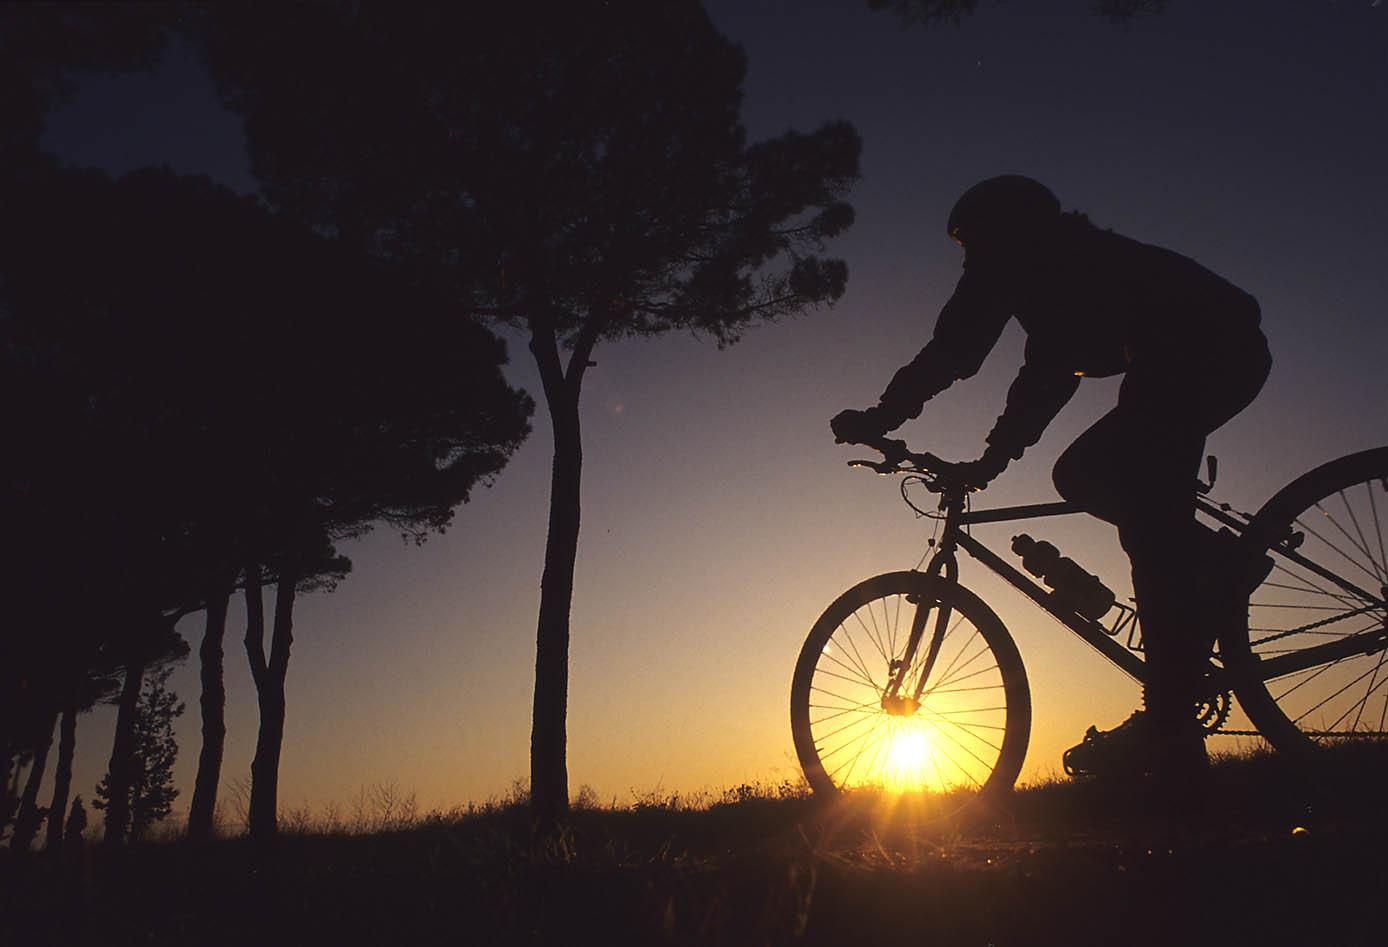 ITALIA, TOSCANA, COSTA DEGLI ETRUSCHI, Castagneto Carducci (LI), in bici in località Pianali.